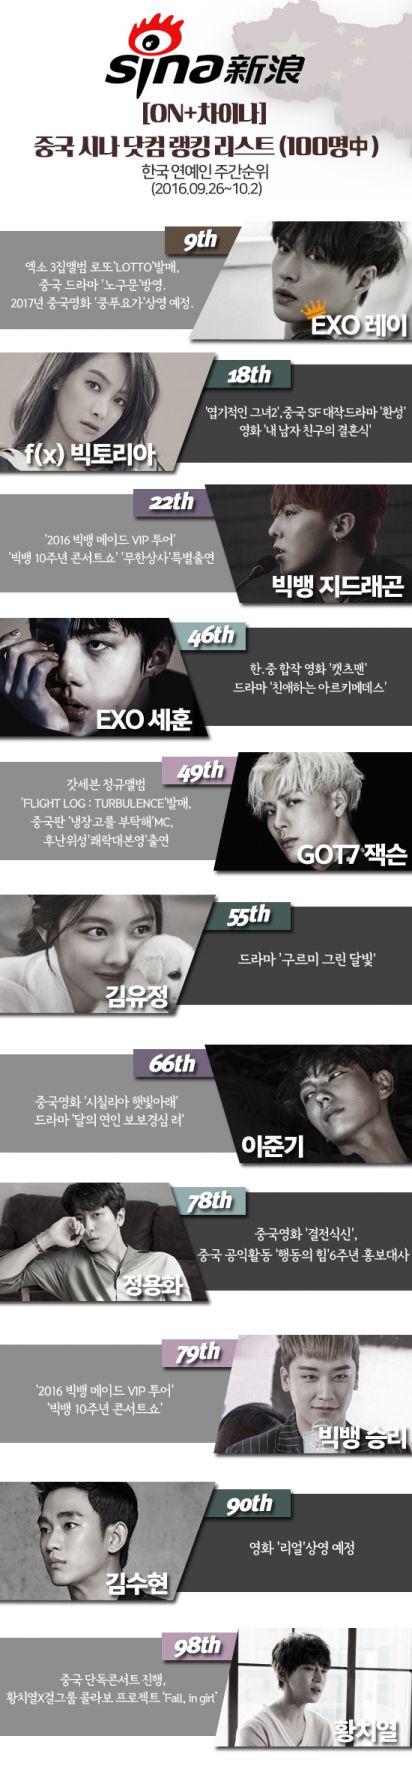 <시나 웨이보 차트>